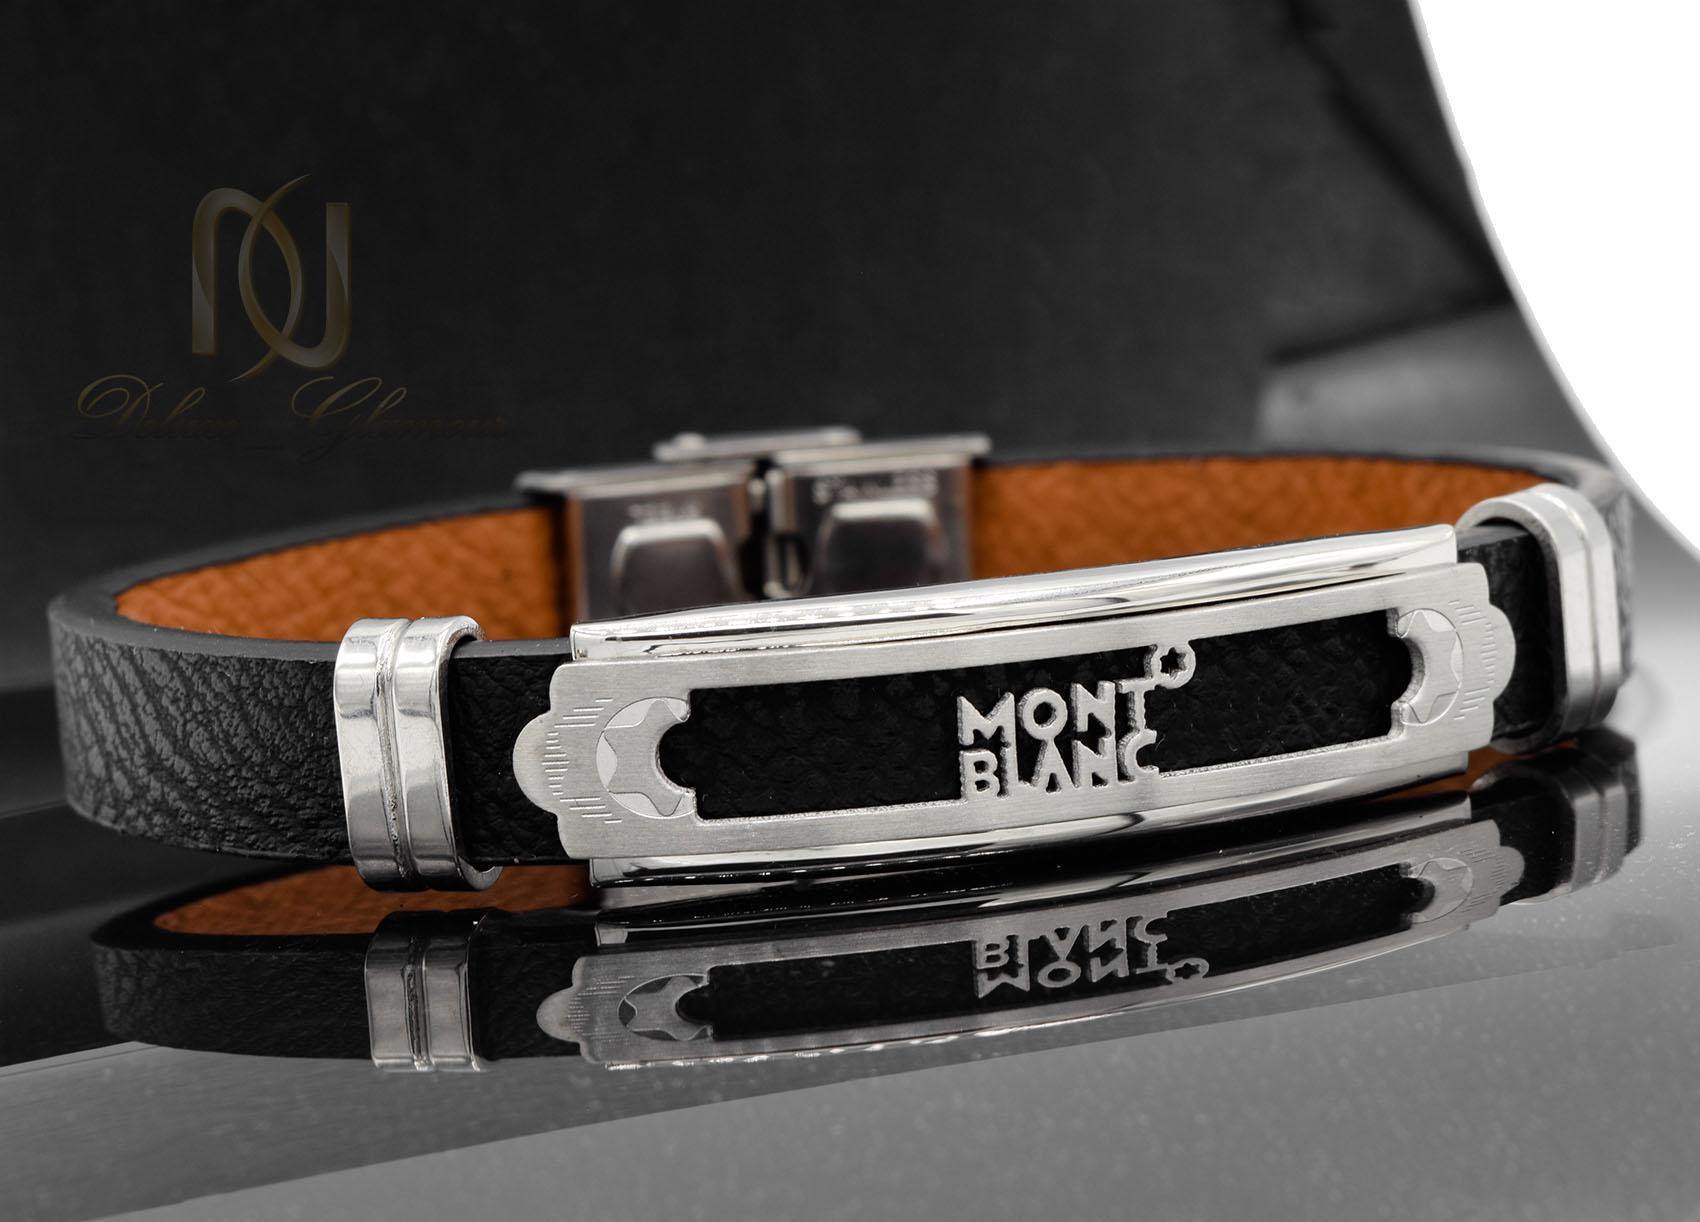 دستبند چرم مردانه طرح مونت بلانک اسپرت ds-n471 از نمای مشکی